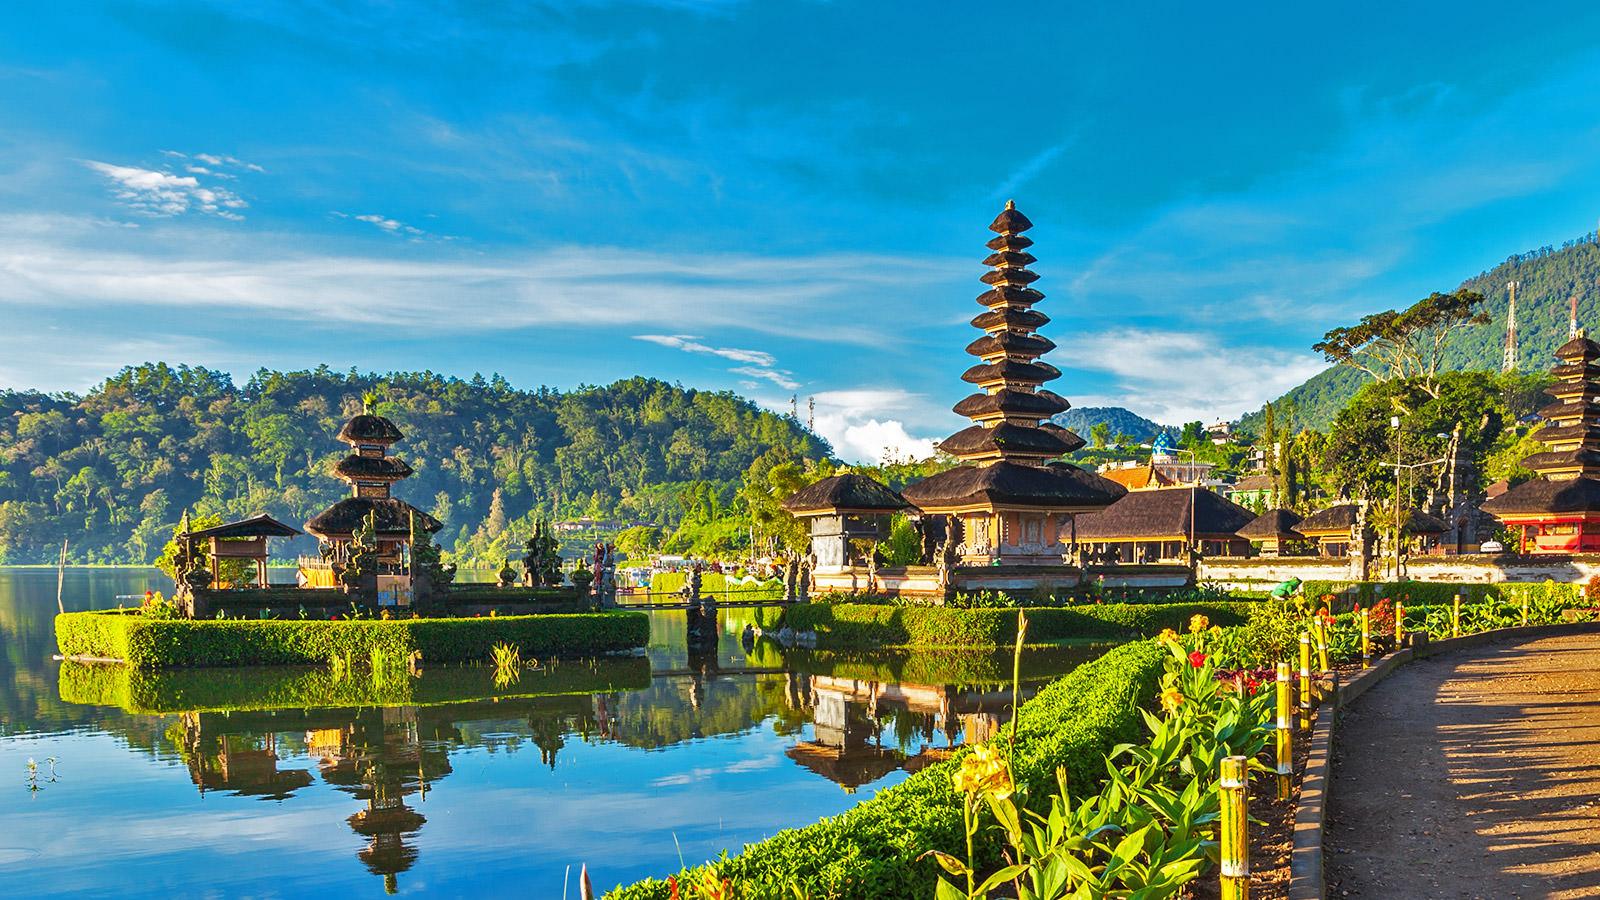 Bali Merupakan Destinasi Wisata yang Difavoritkan Banyak Wisatawan